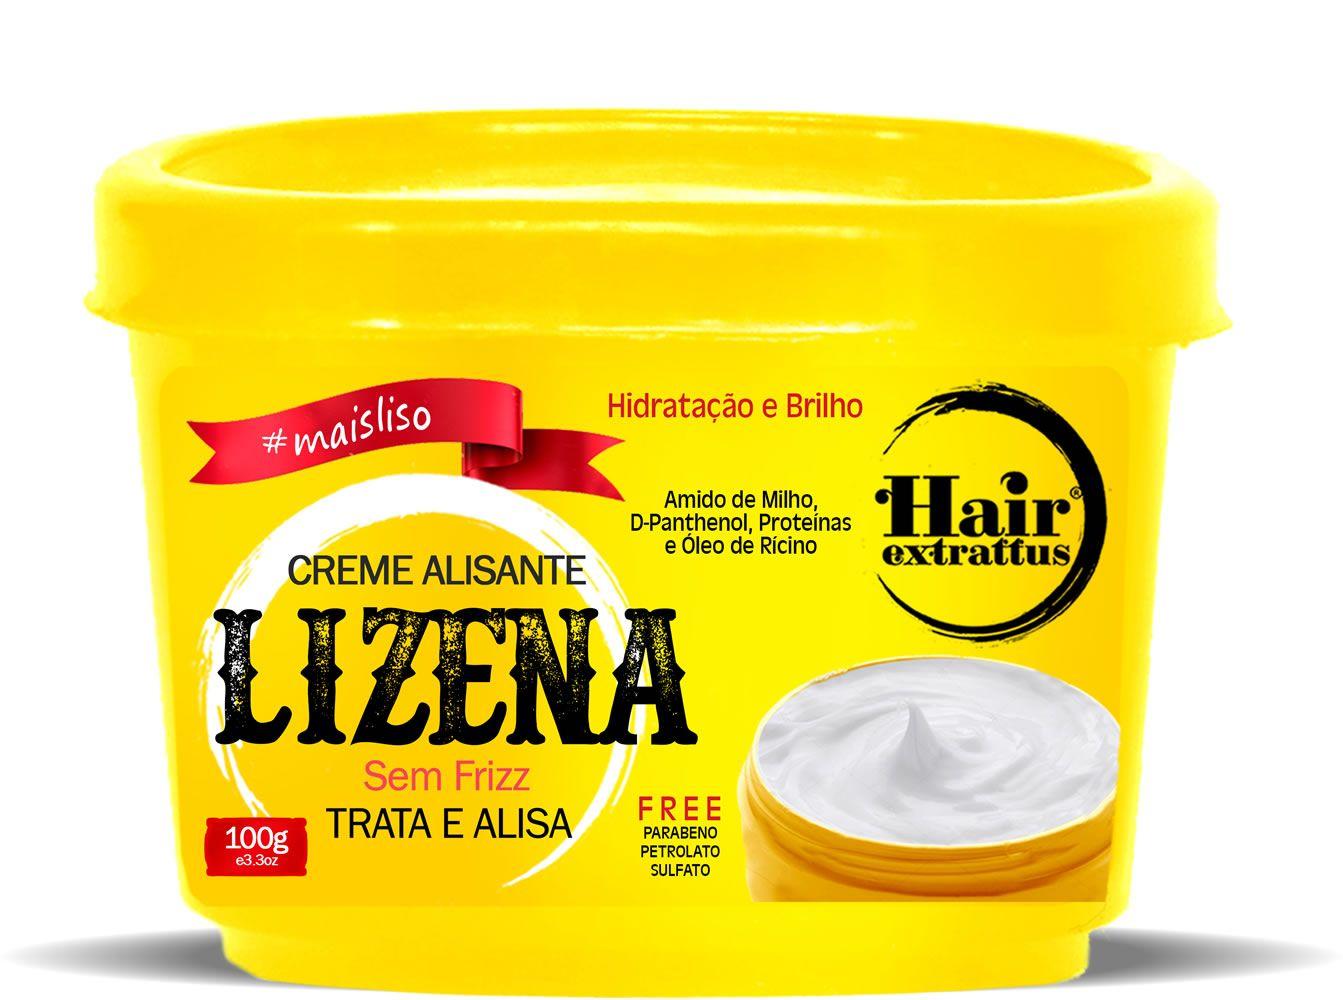 Creme Alisante Lizena - 100g